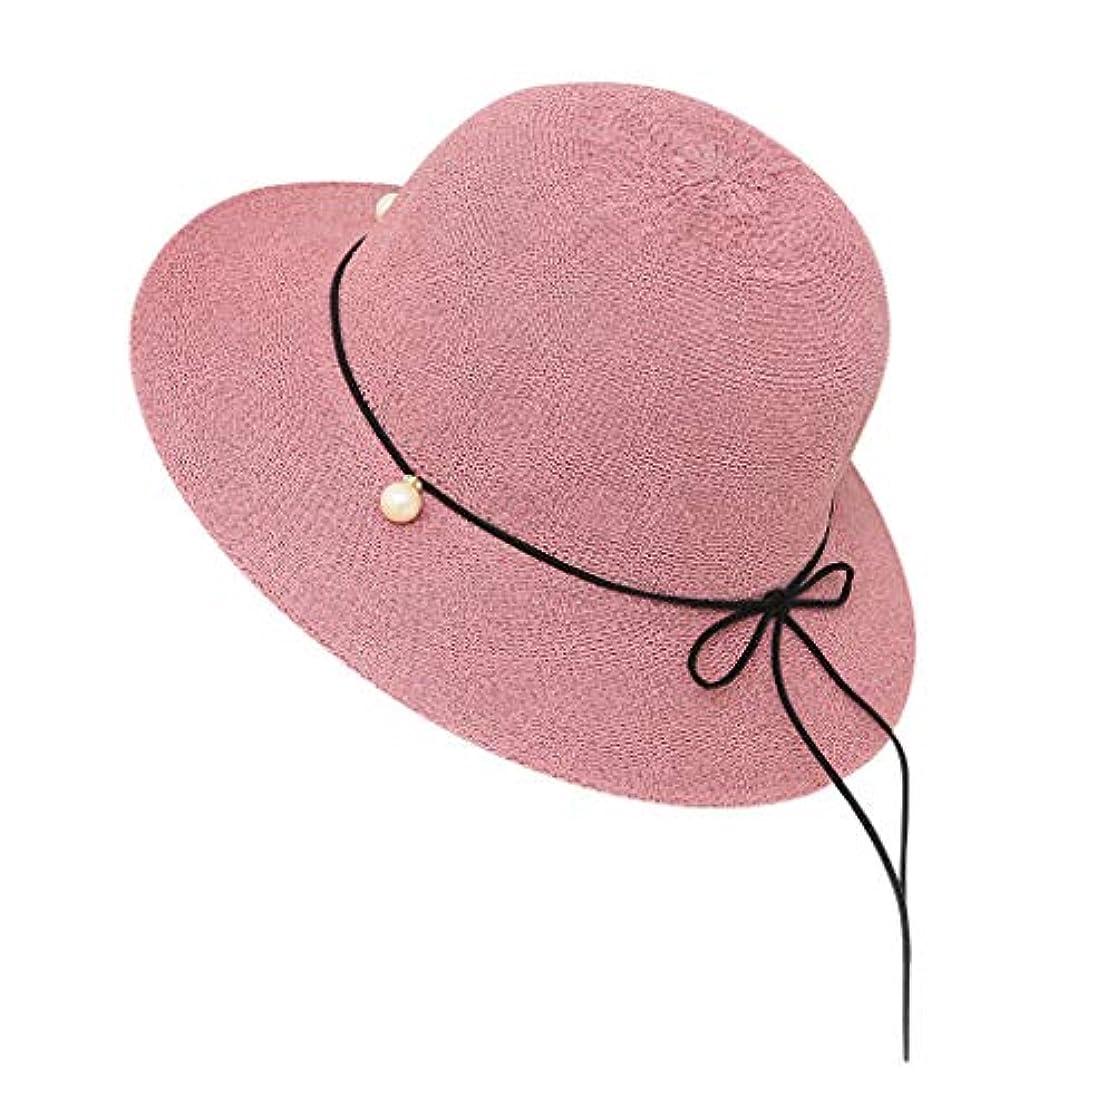 セクション生き残り顧問帽子 レディース 夏 女性 UVカット 帽子 ハット 漁師帽 つば広 吸汗通気 紫外線対策 大きいサイズ 日焼け防止 サイズ調節 ベレー帽 帽子 レディース ビーチ 海辺 森ガール 女優帽 日よけ ROSE ROMAN